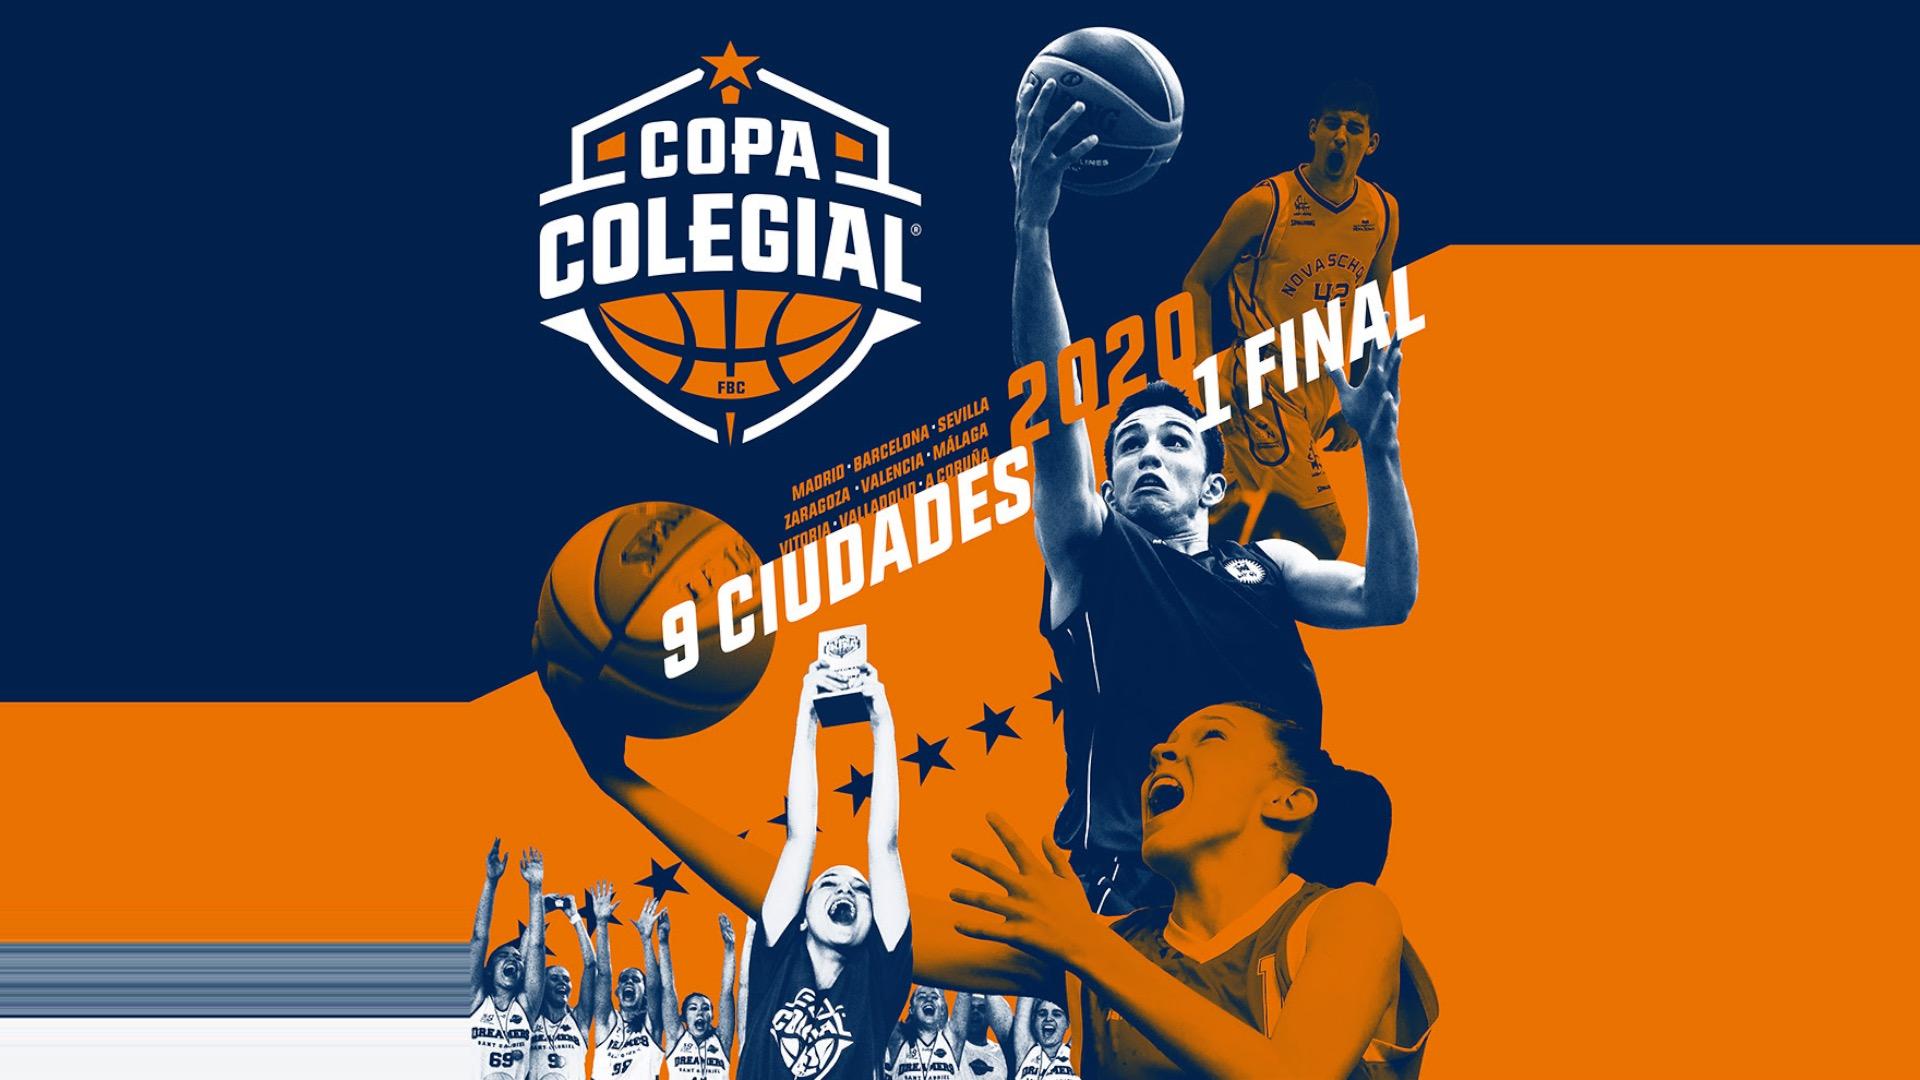 Presentación Copa Colegial Madrid 2020. Colegio Cabrini.